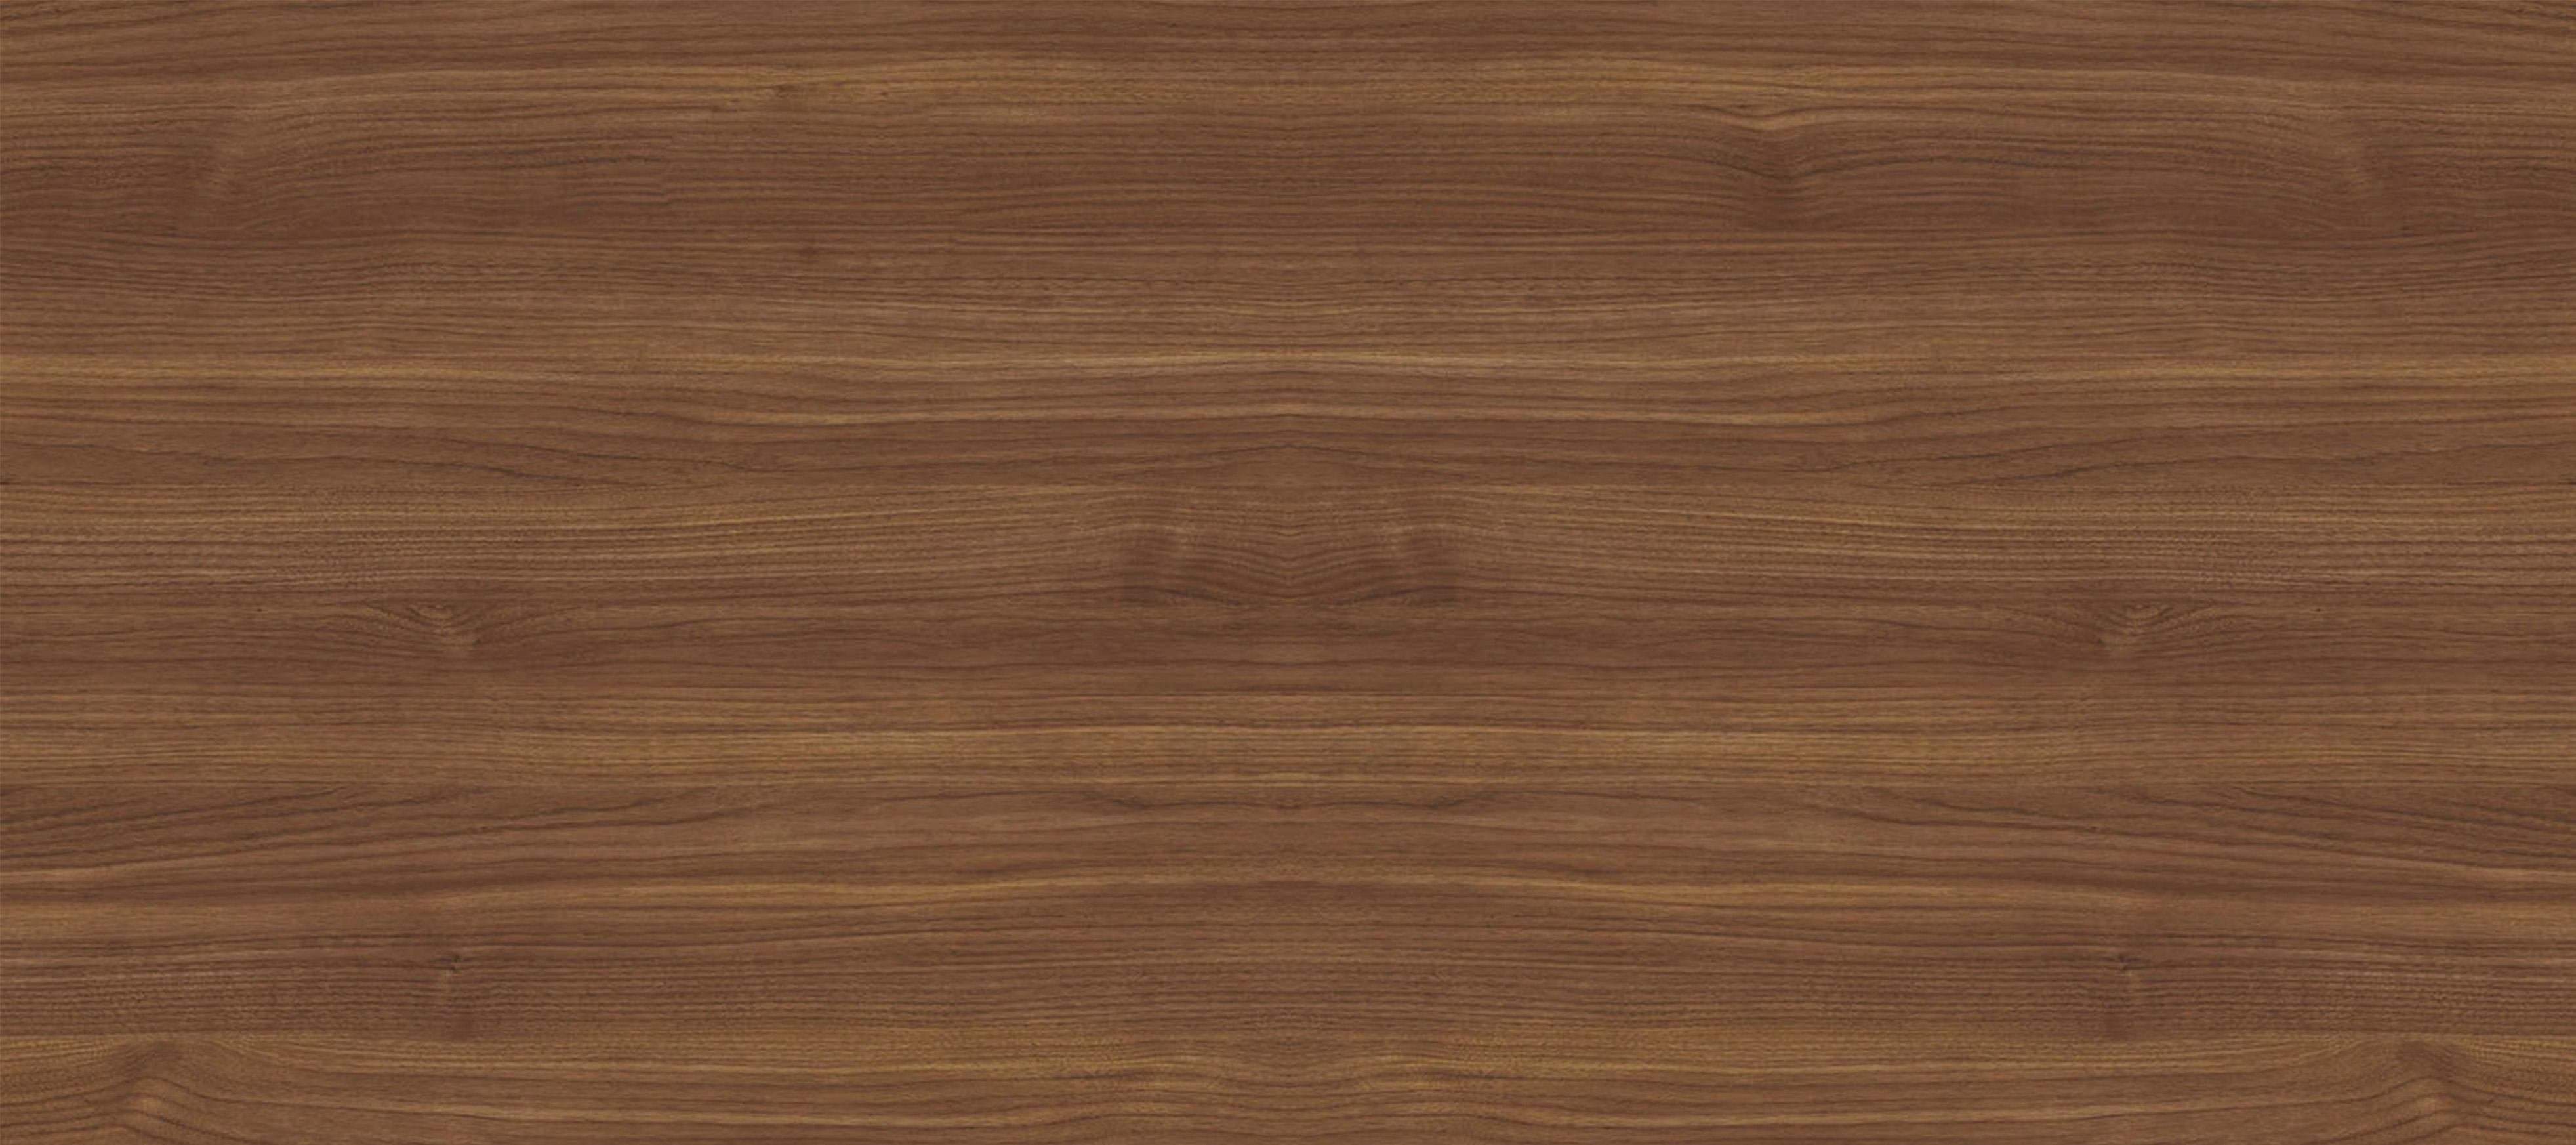 Beautiful legno noce chiaro gallery for Copriwater obi